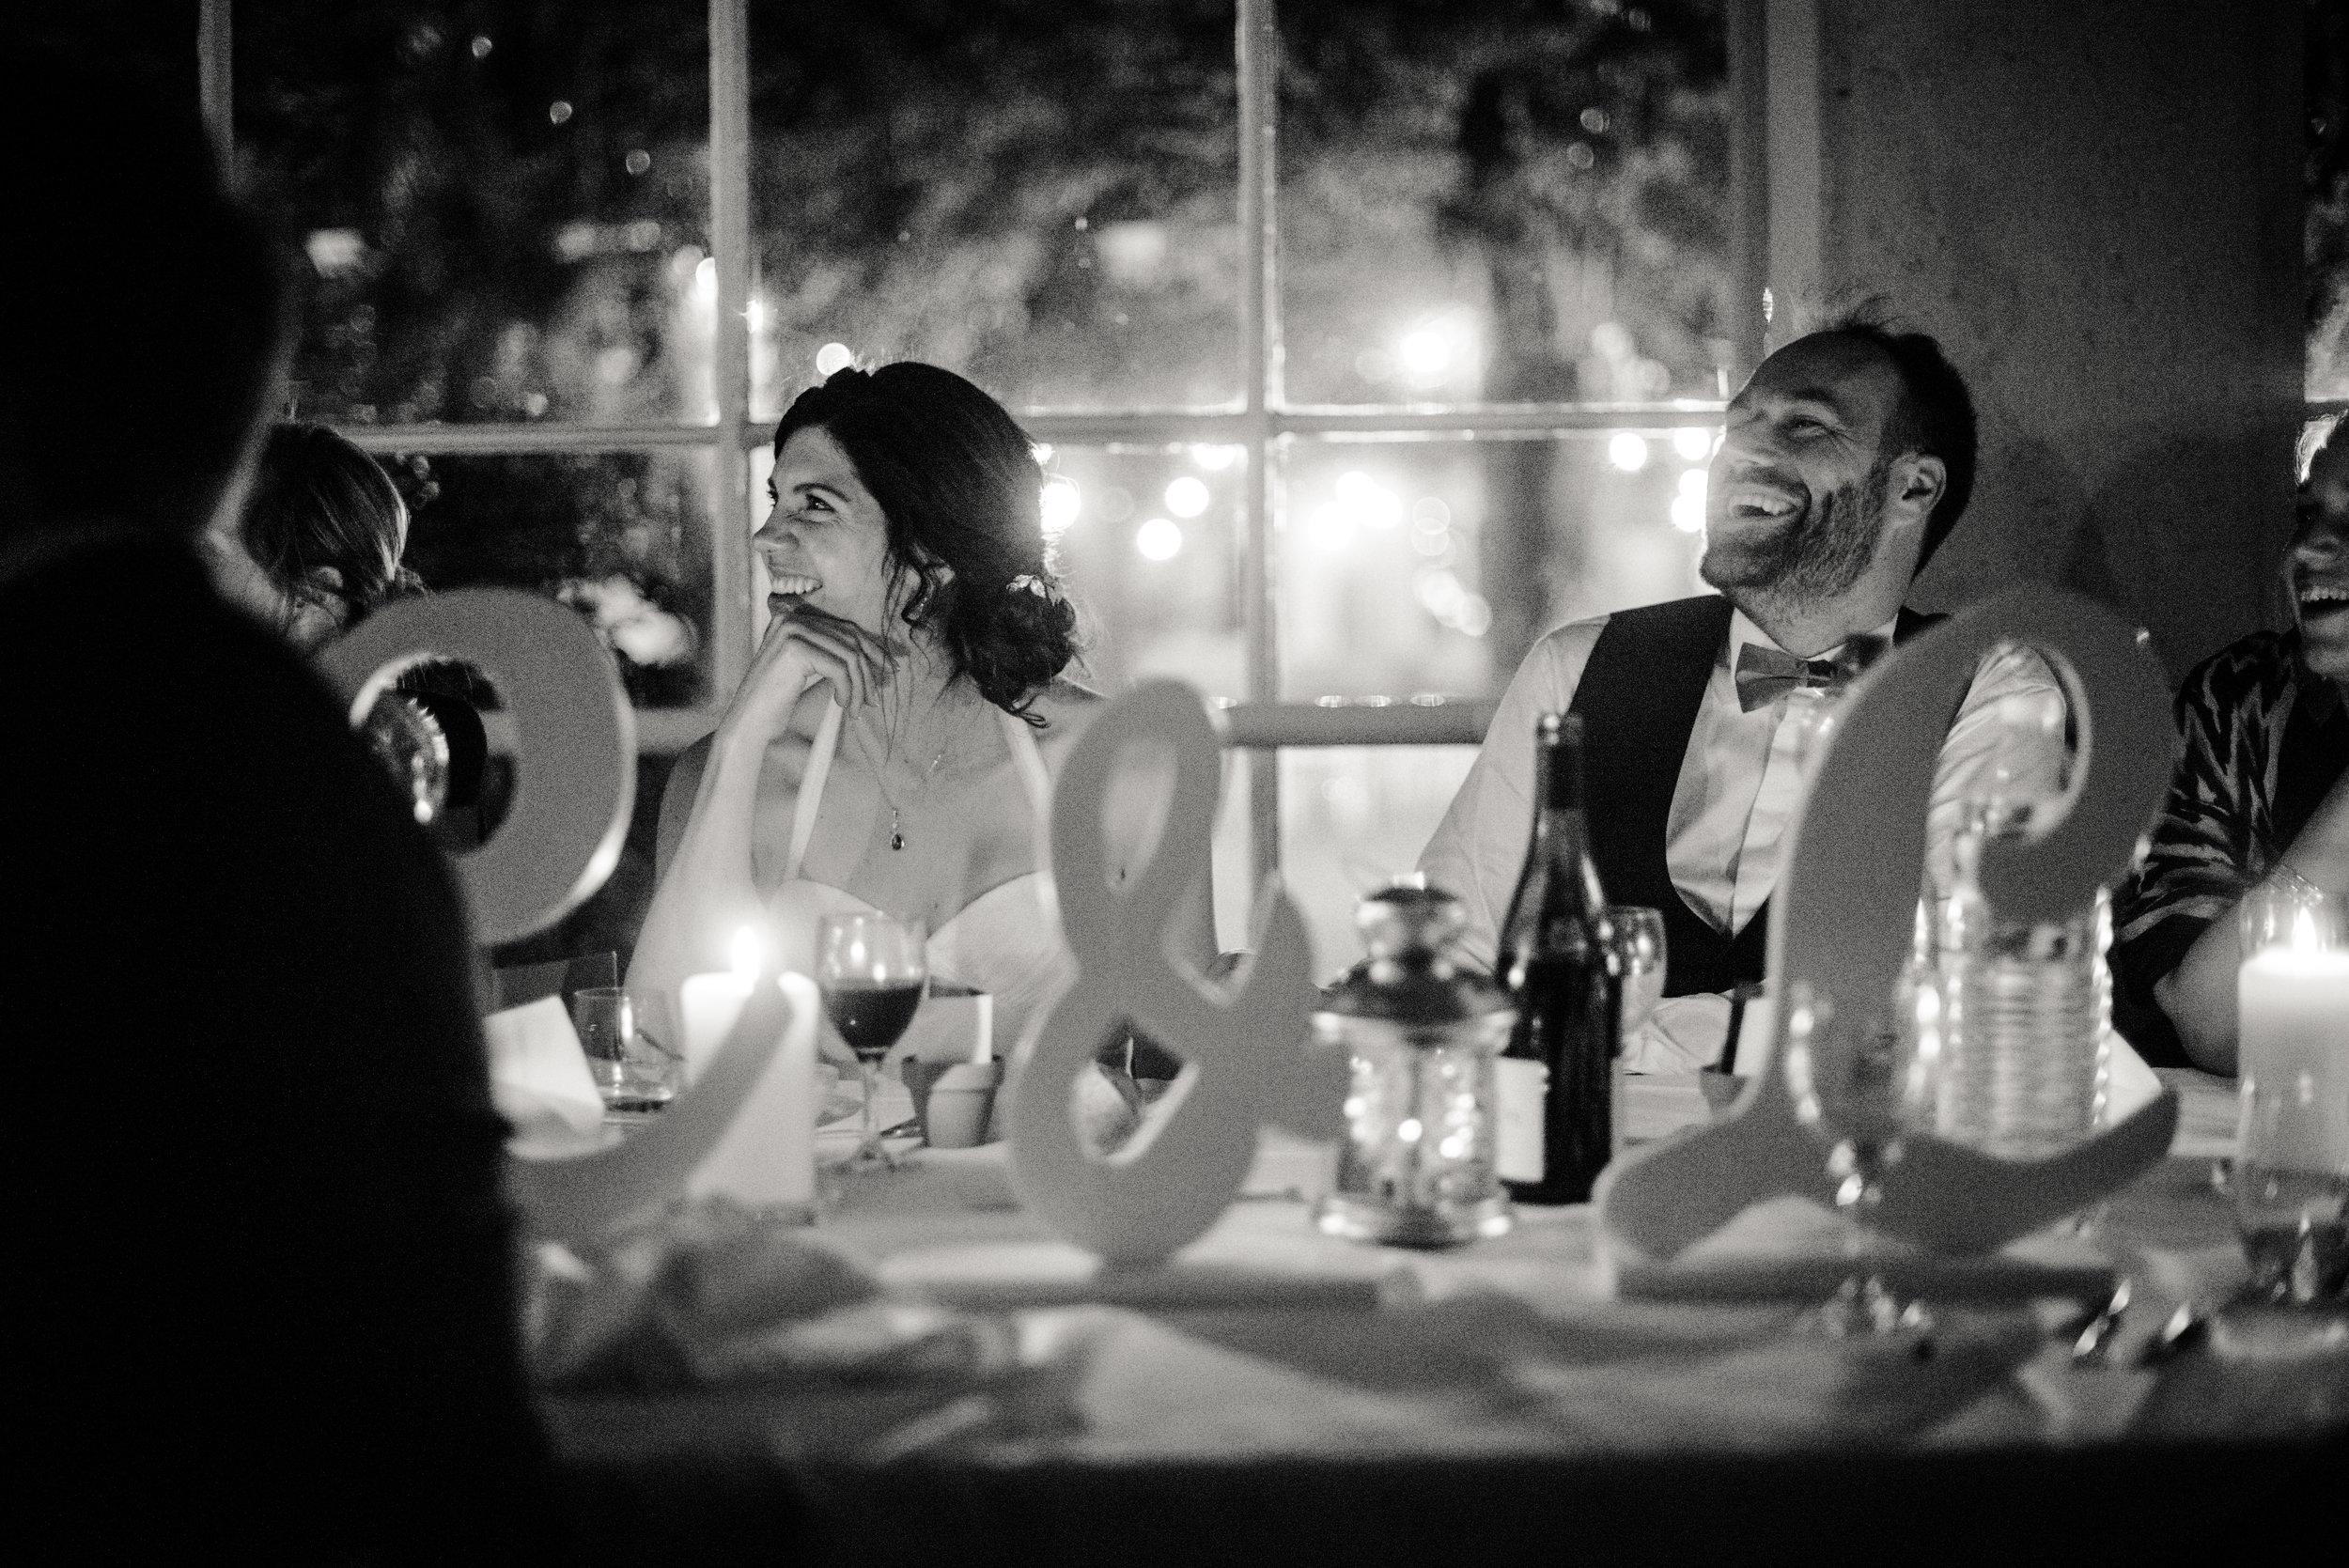 Léa-Fery-photographe-professionnel-lyon-rhone-alpes-portrait-creation-mariage-evenement-evenementiel-famille-9791.jpg